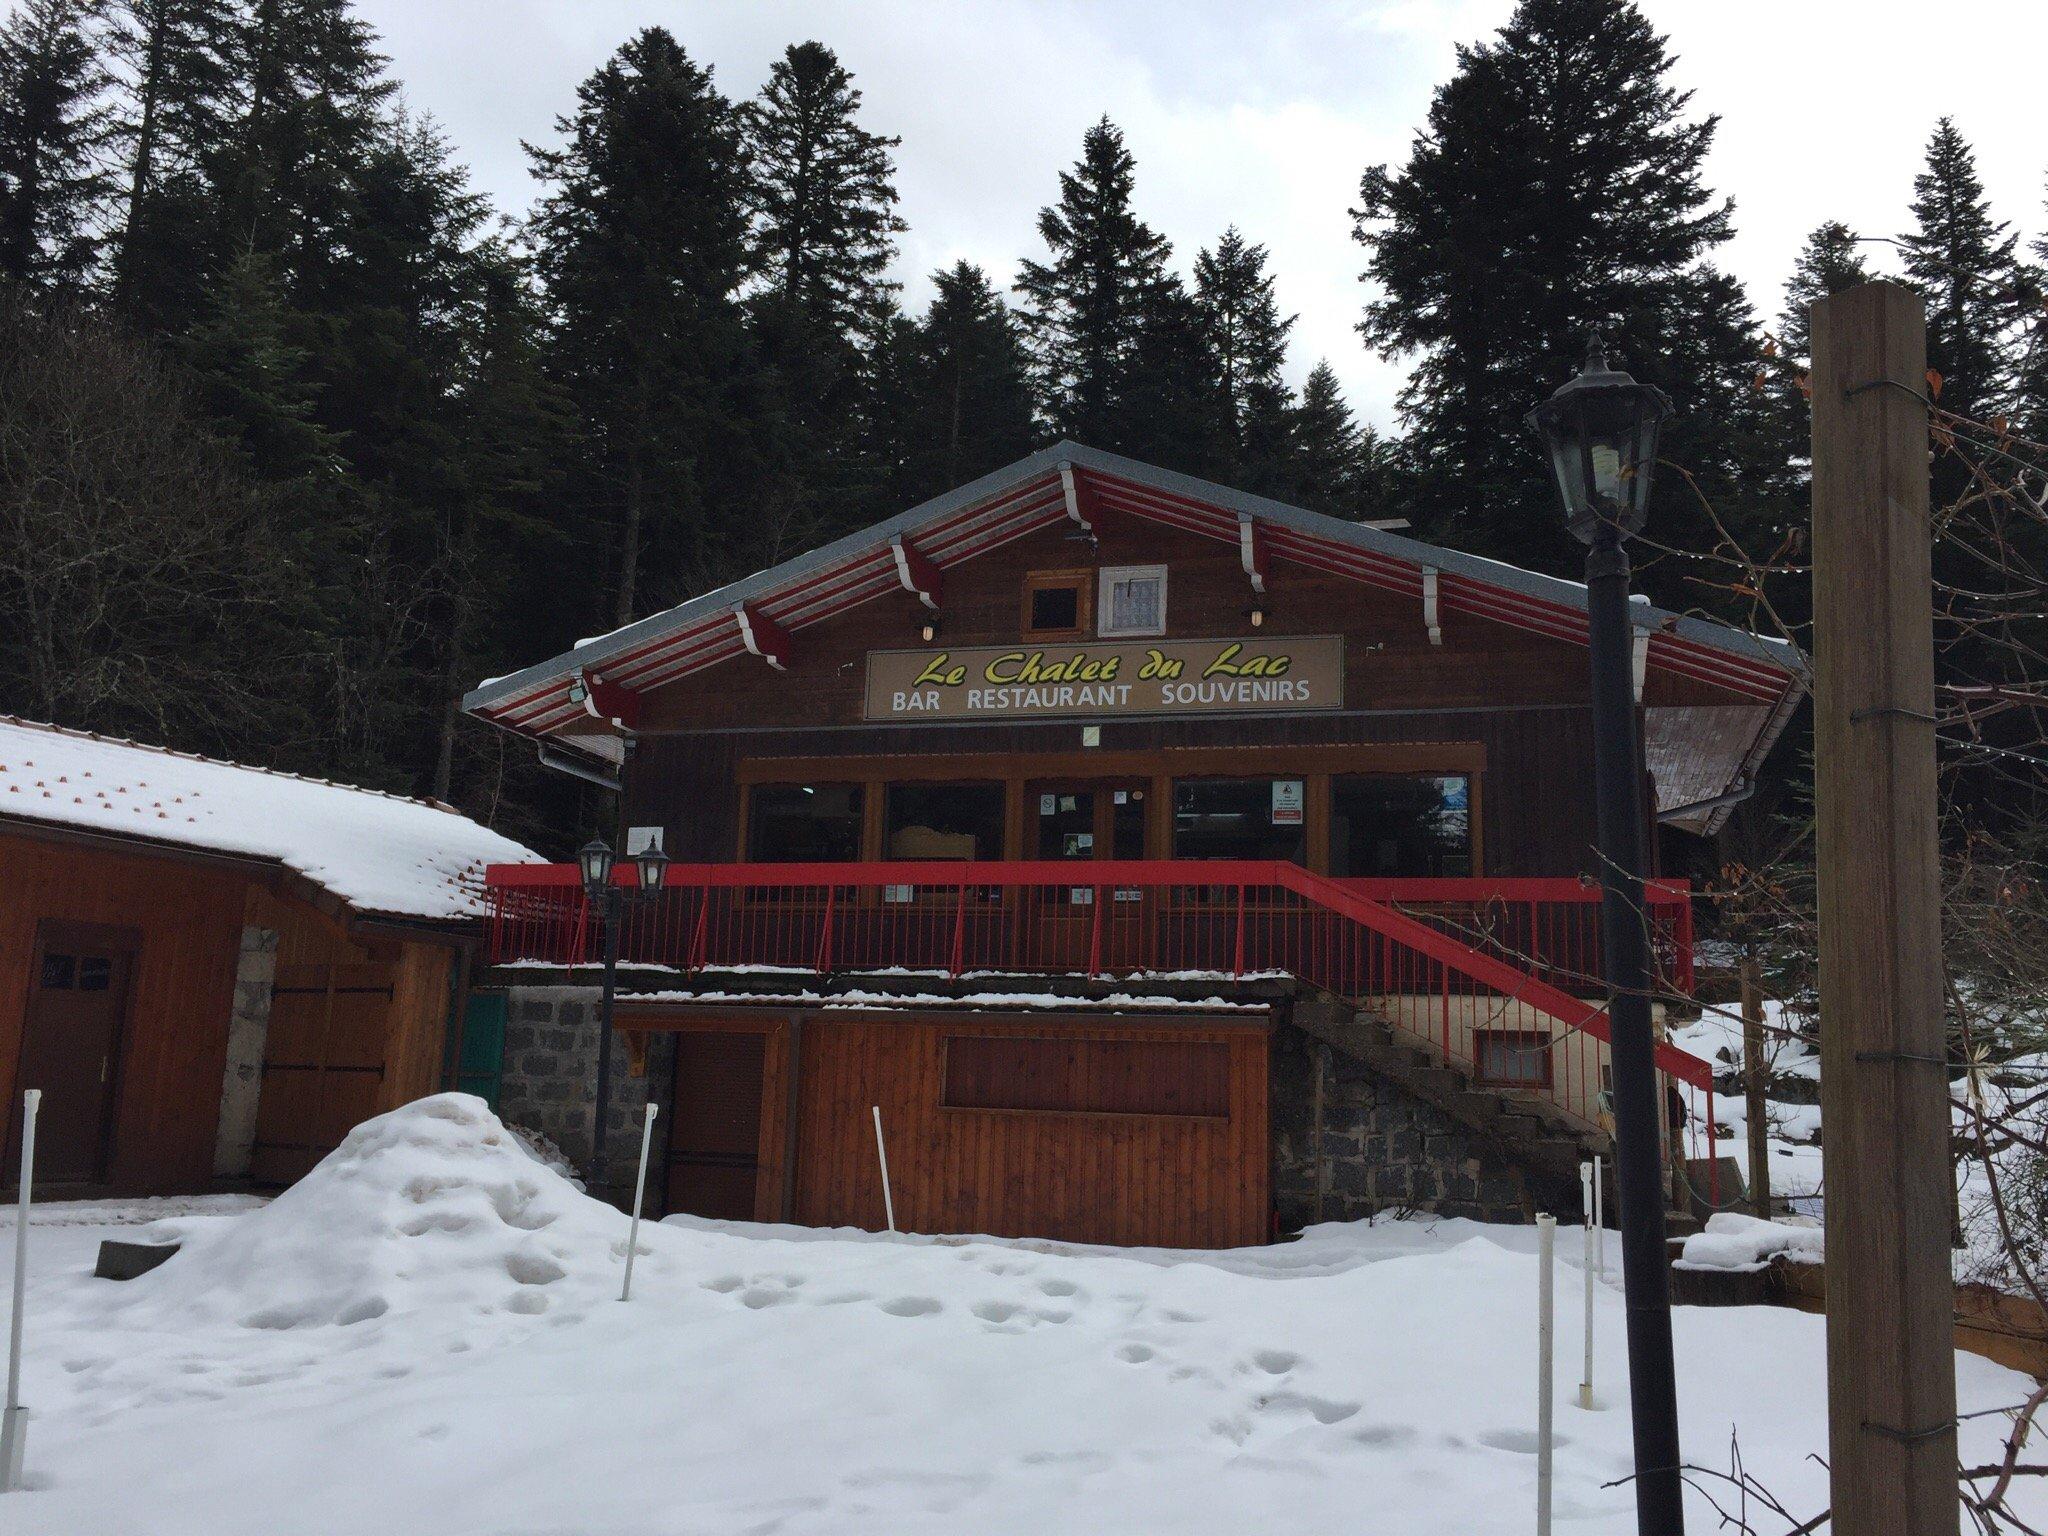 chalet du lac des corbeaux la bresse restaurant avis num 233 ro de t 233 l 233 phone photos tripadvisor